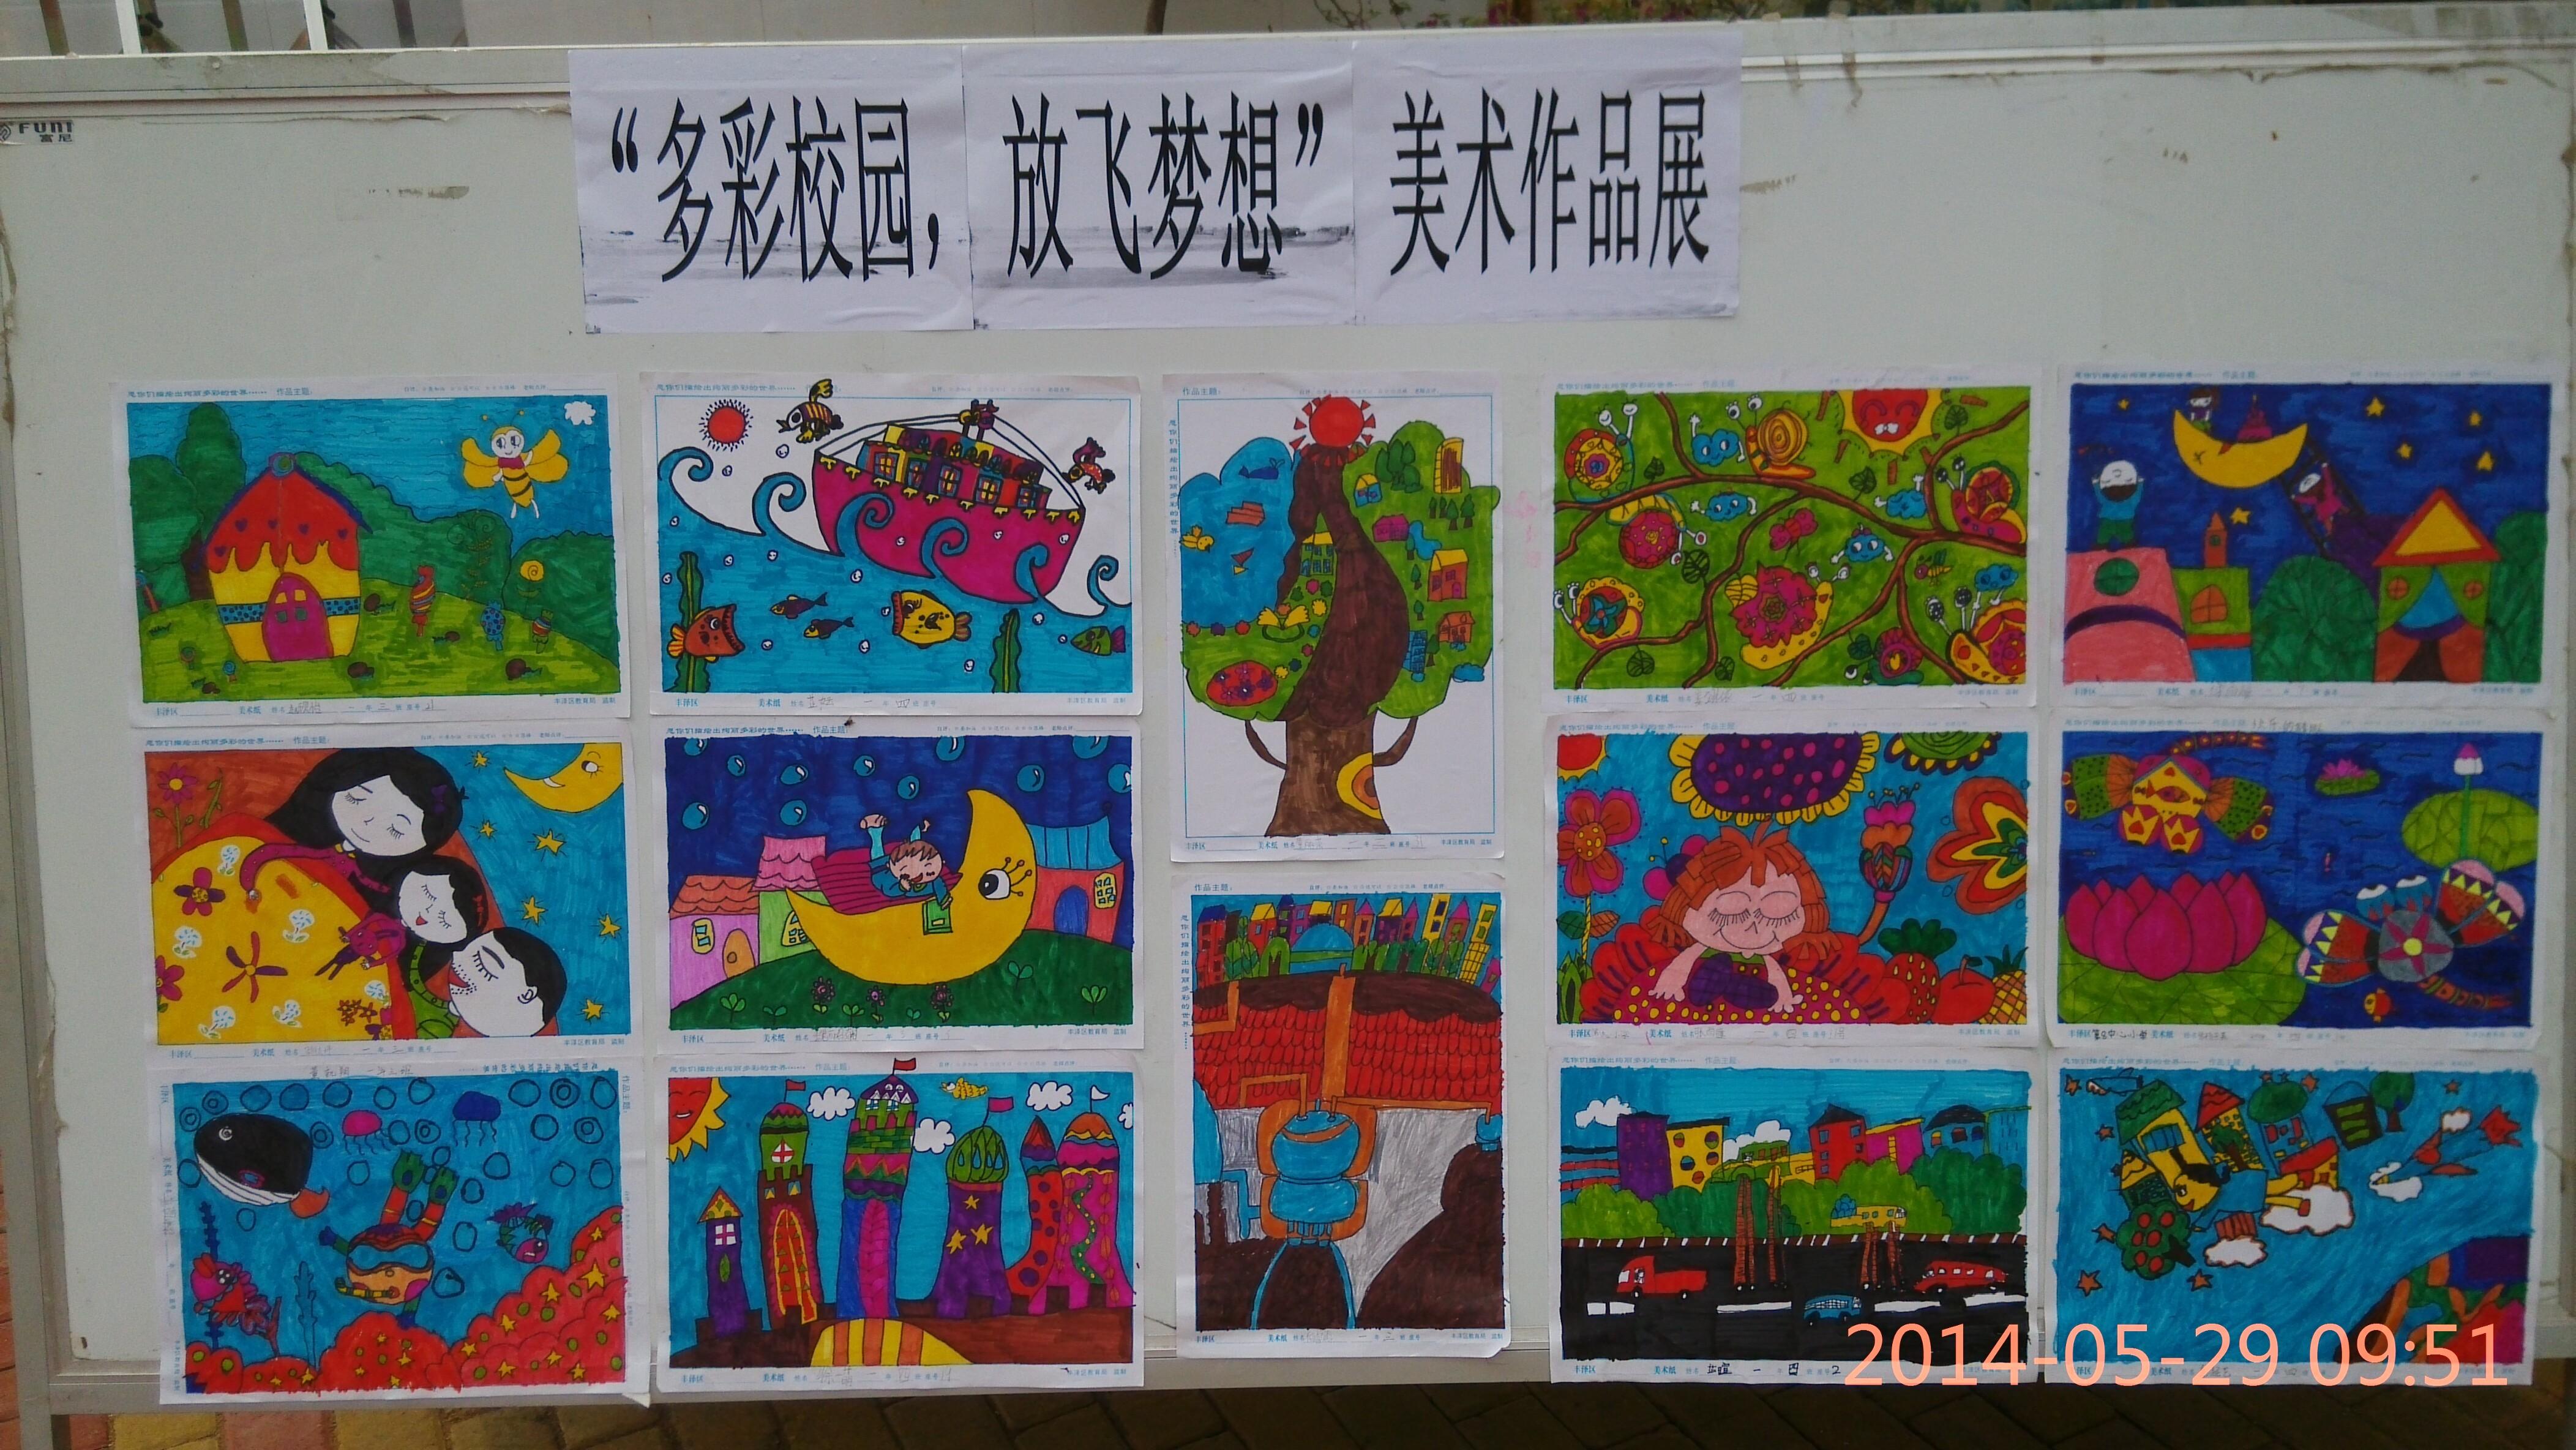 第八中心小学 多彩校园,放飞梦想 美术作品展图片